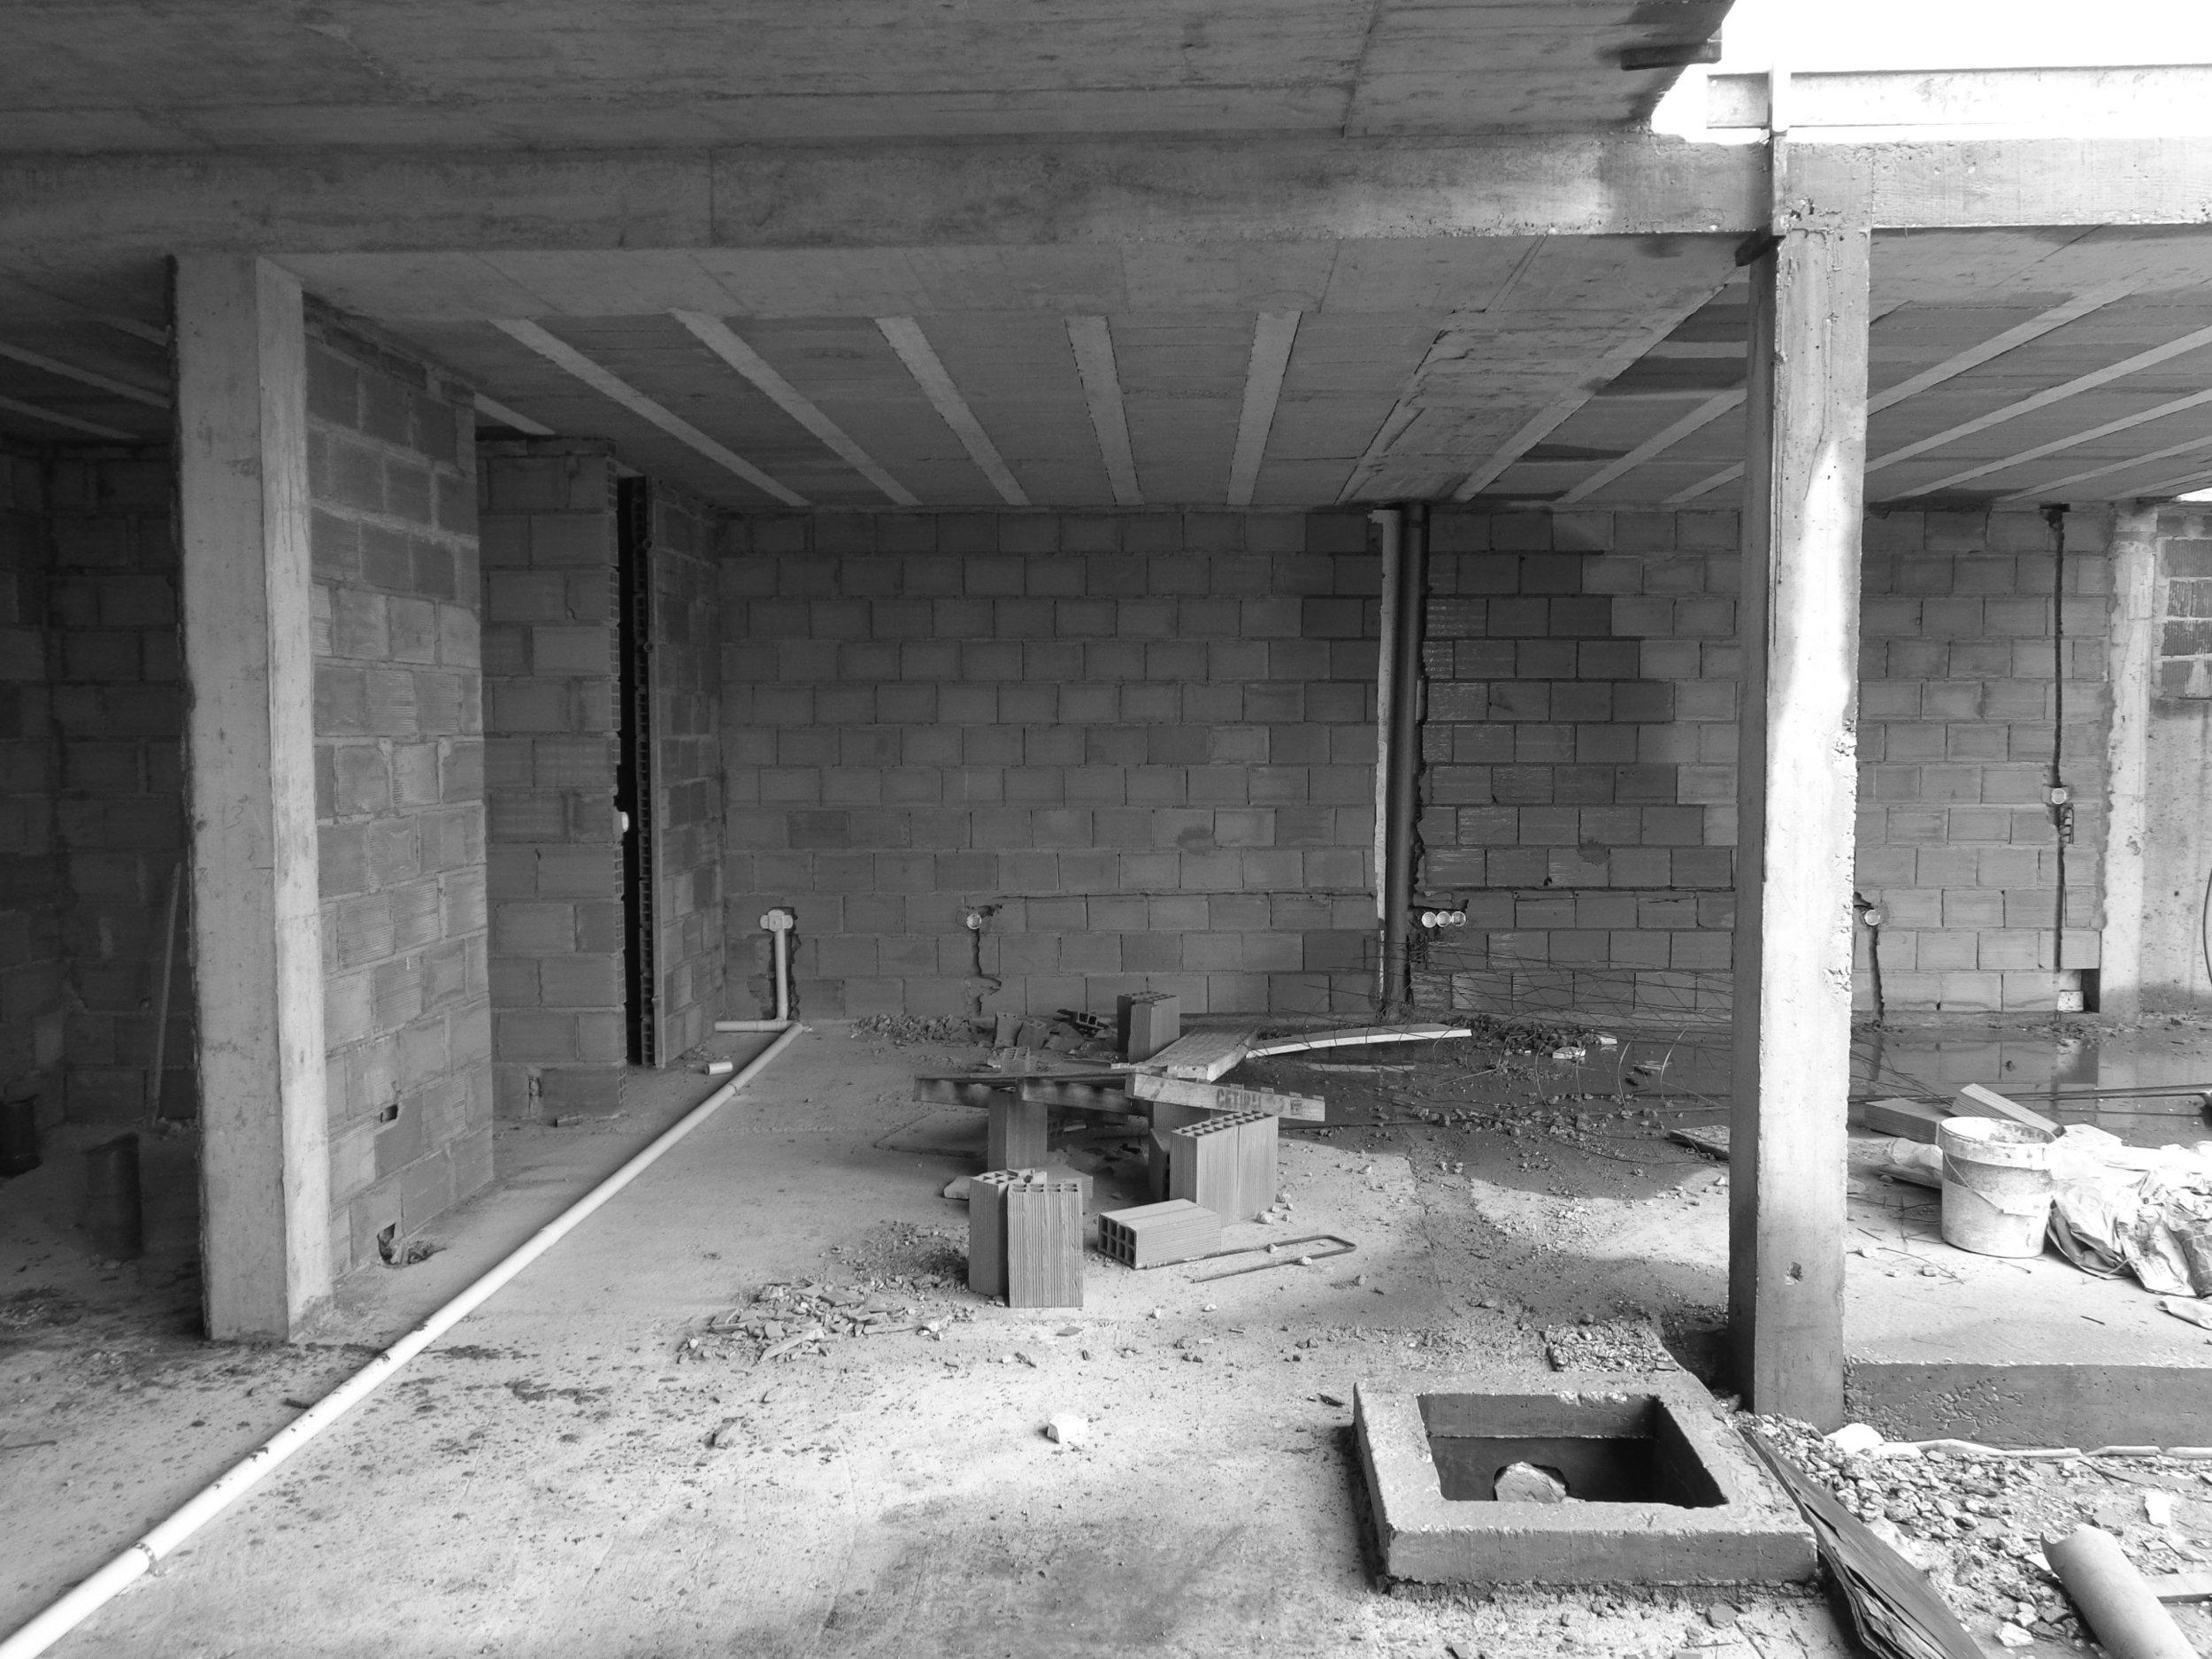 Moradia Alfazema - EVA evolutionary architecture - vila nova de gaia - arquitecto - porto (18).jpg